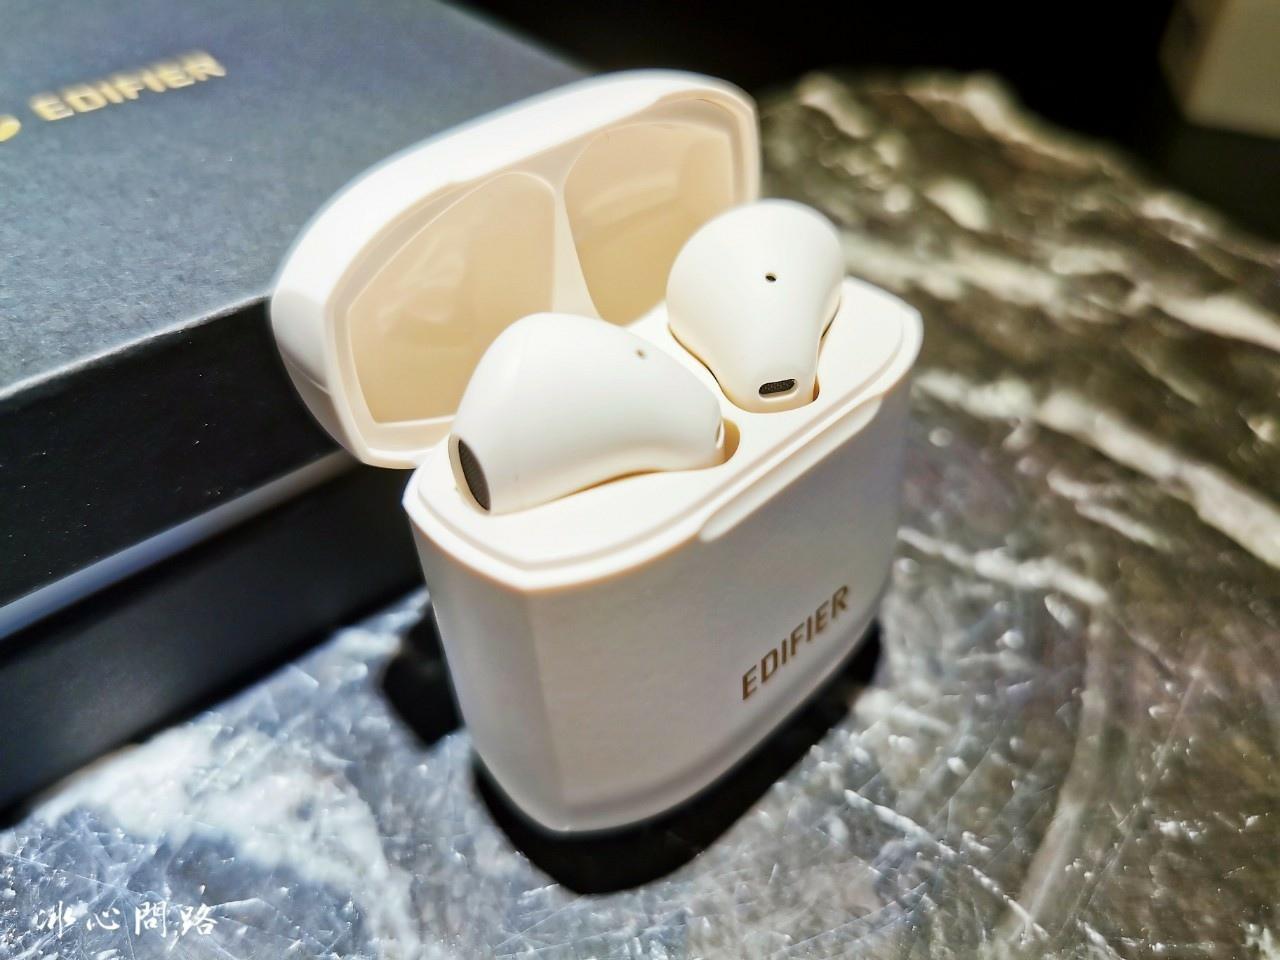 好用的藍芽耳機漫步者(EDIFIER)LolliPods Plus  冰心問路 (6).jpg